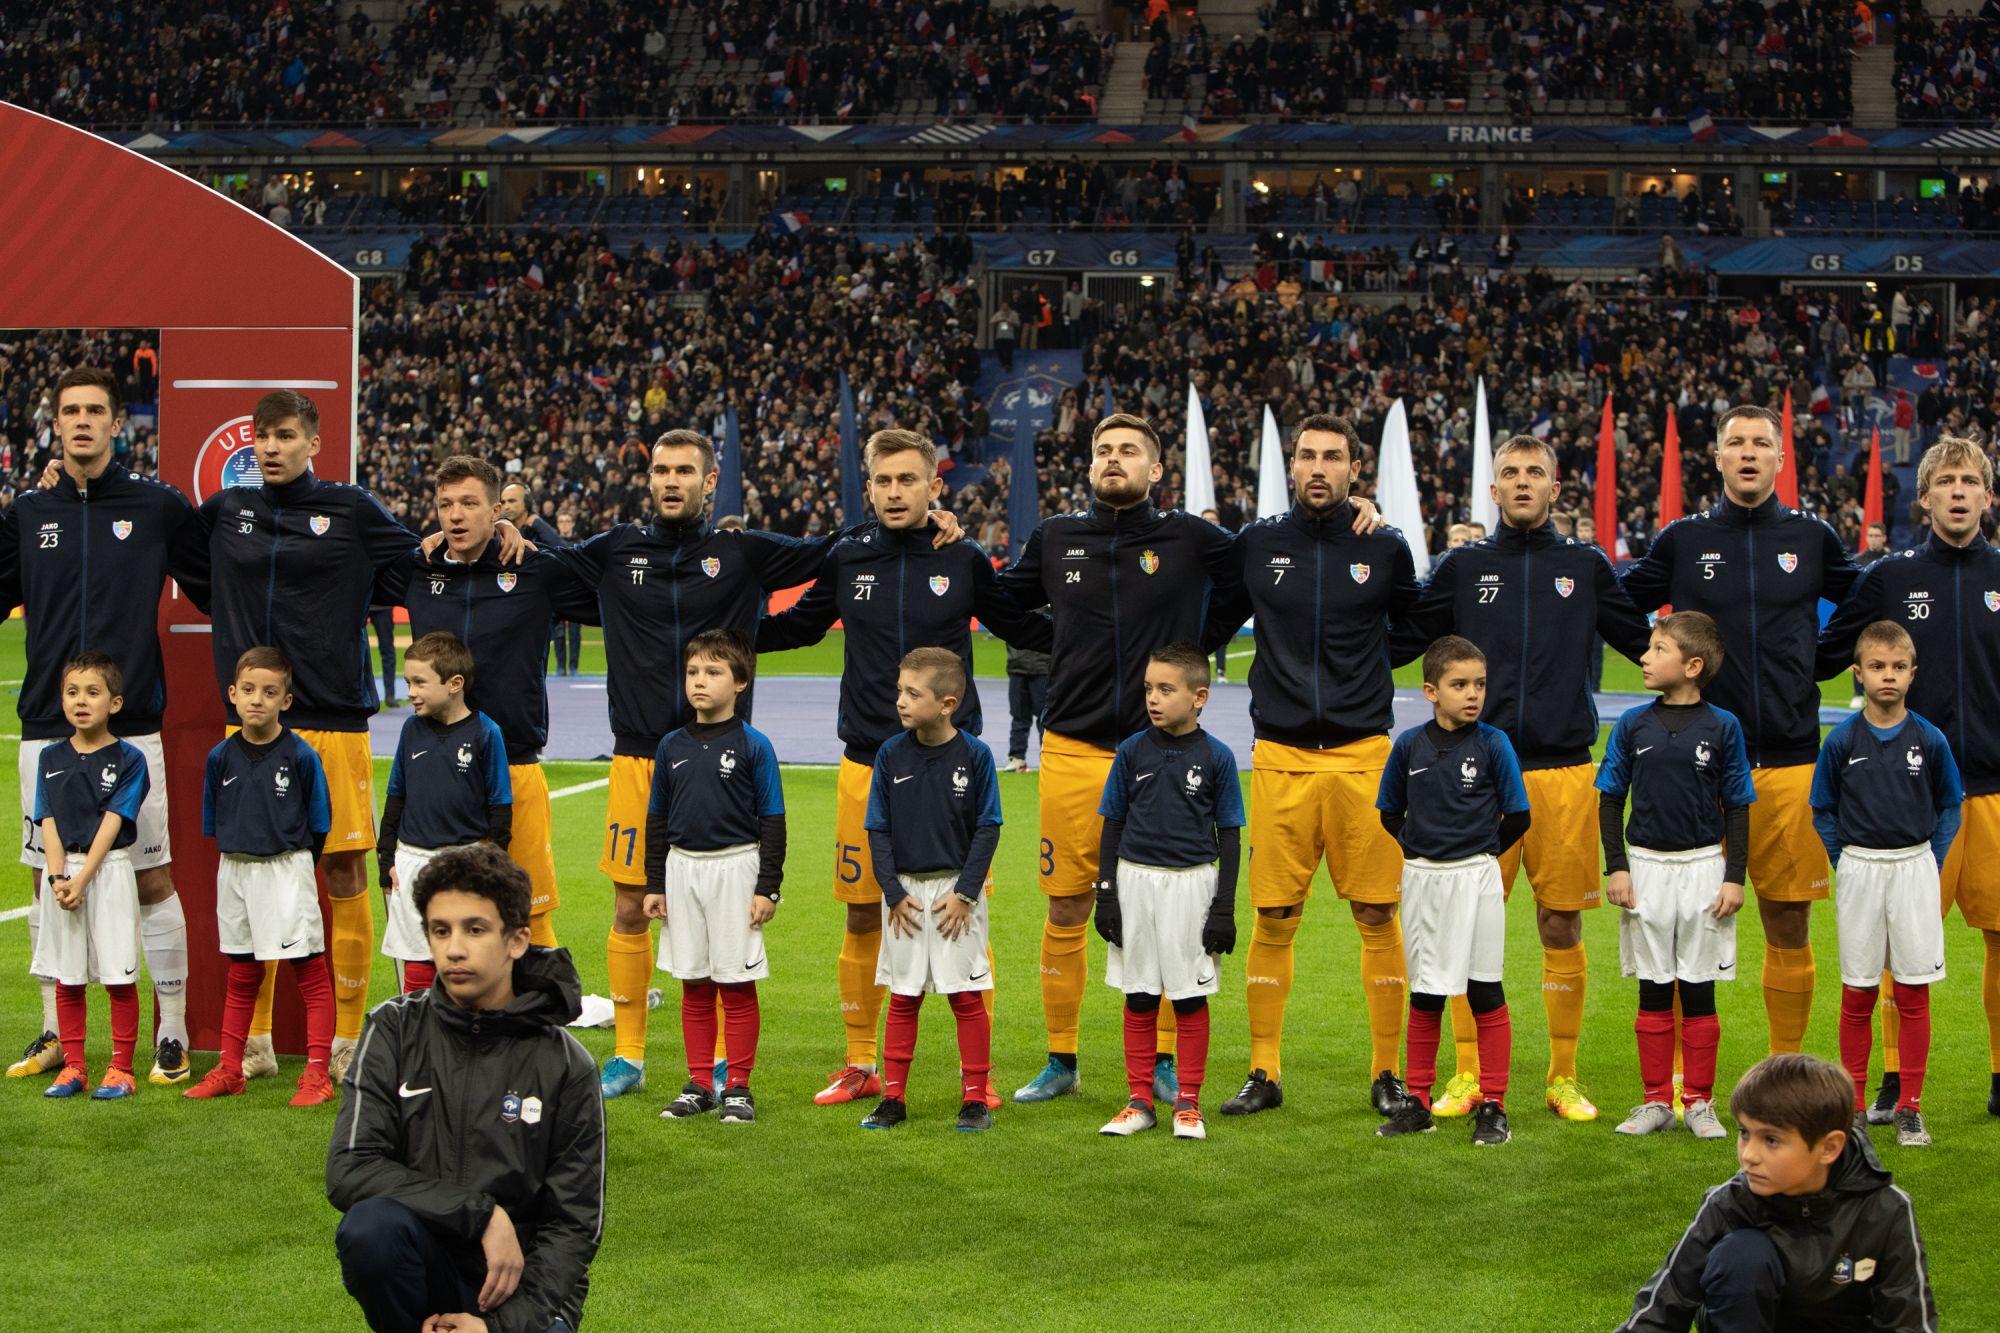 Istorie pe terenul de fotbal al Franței, naționala Moldovei a marcat un gol! Următorul meci – cu Islanda